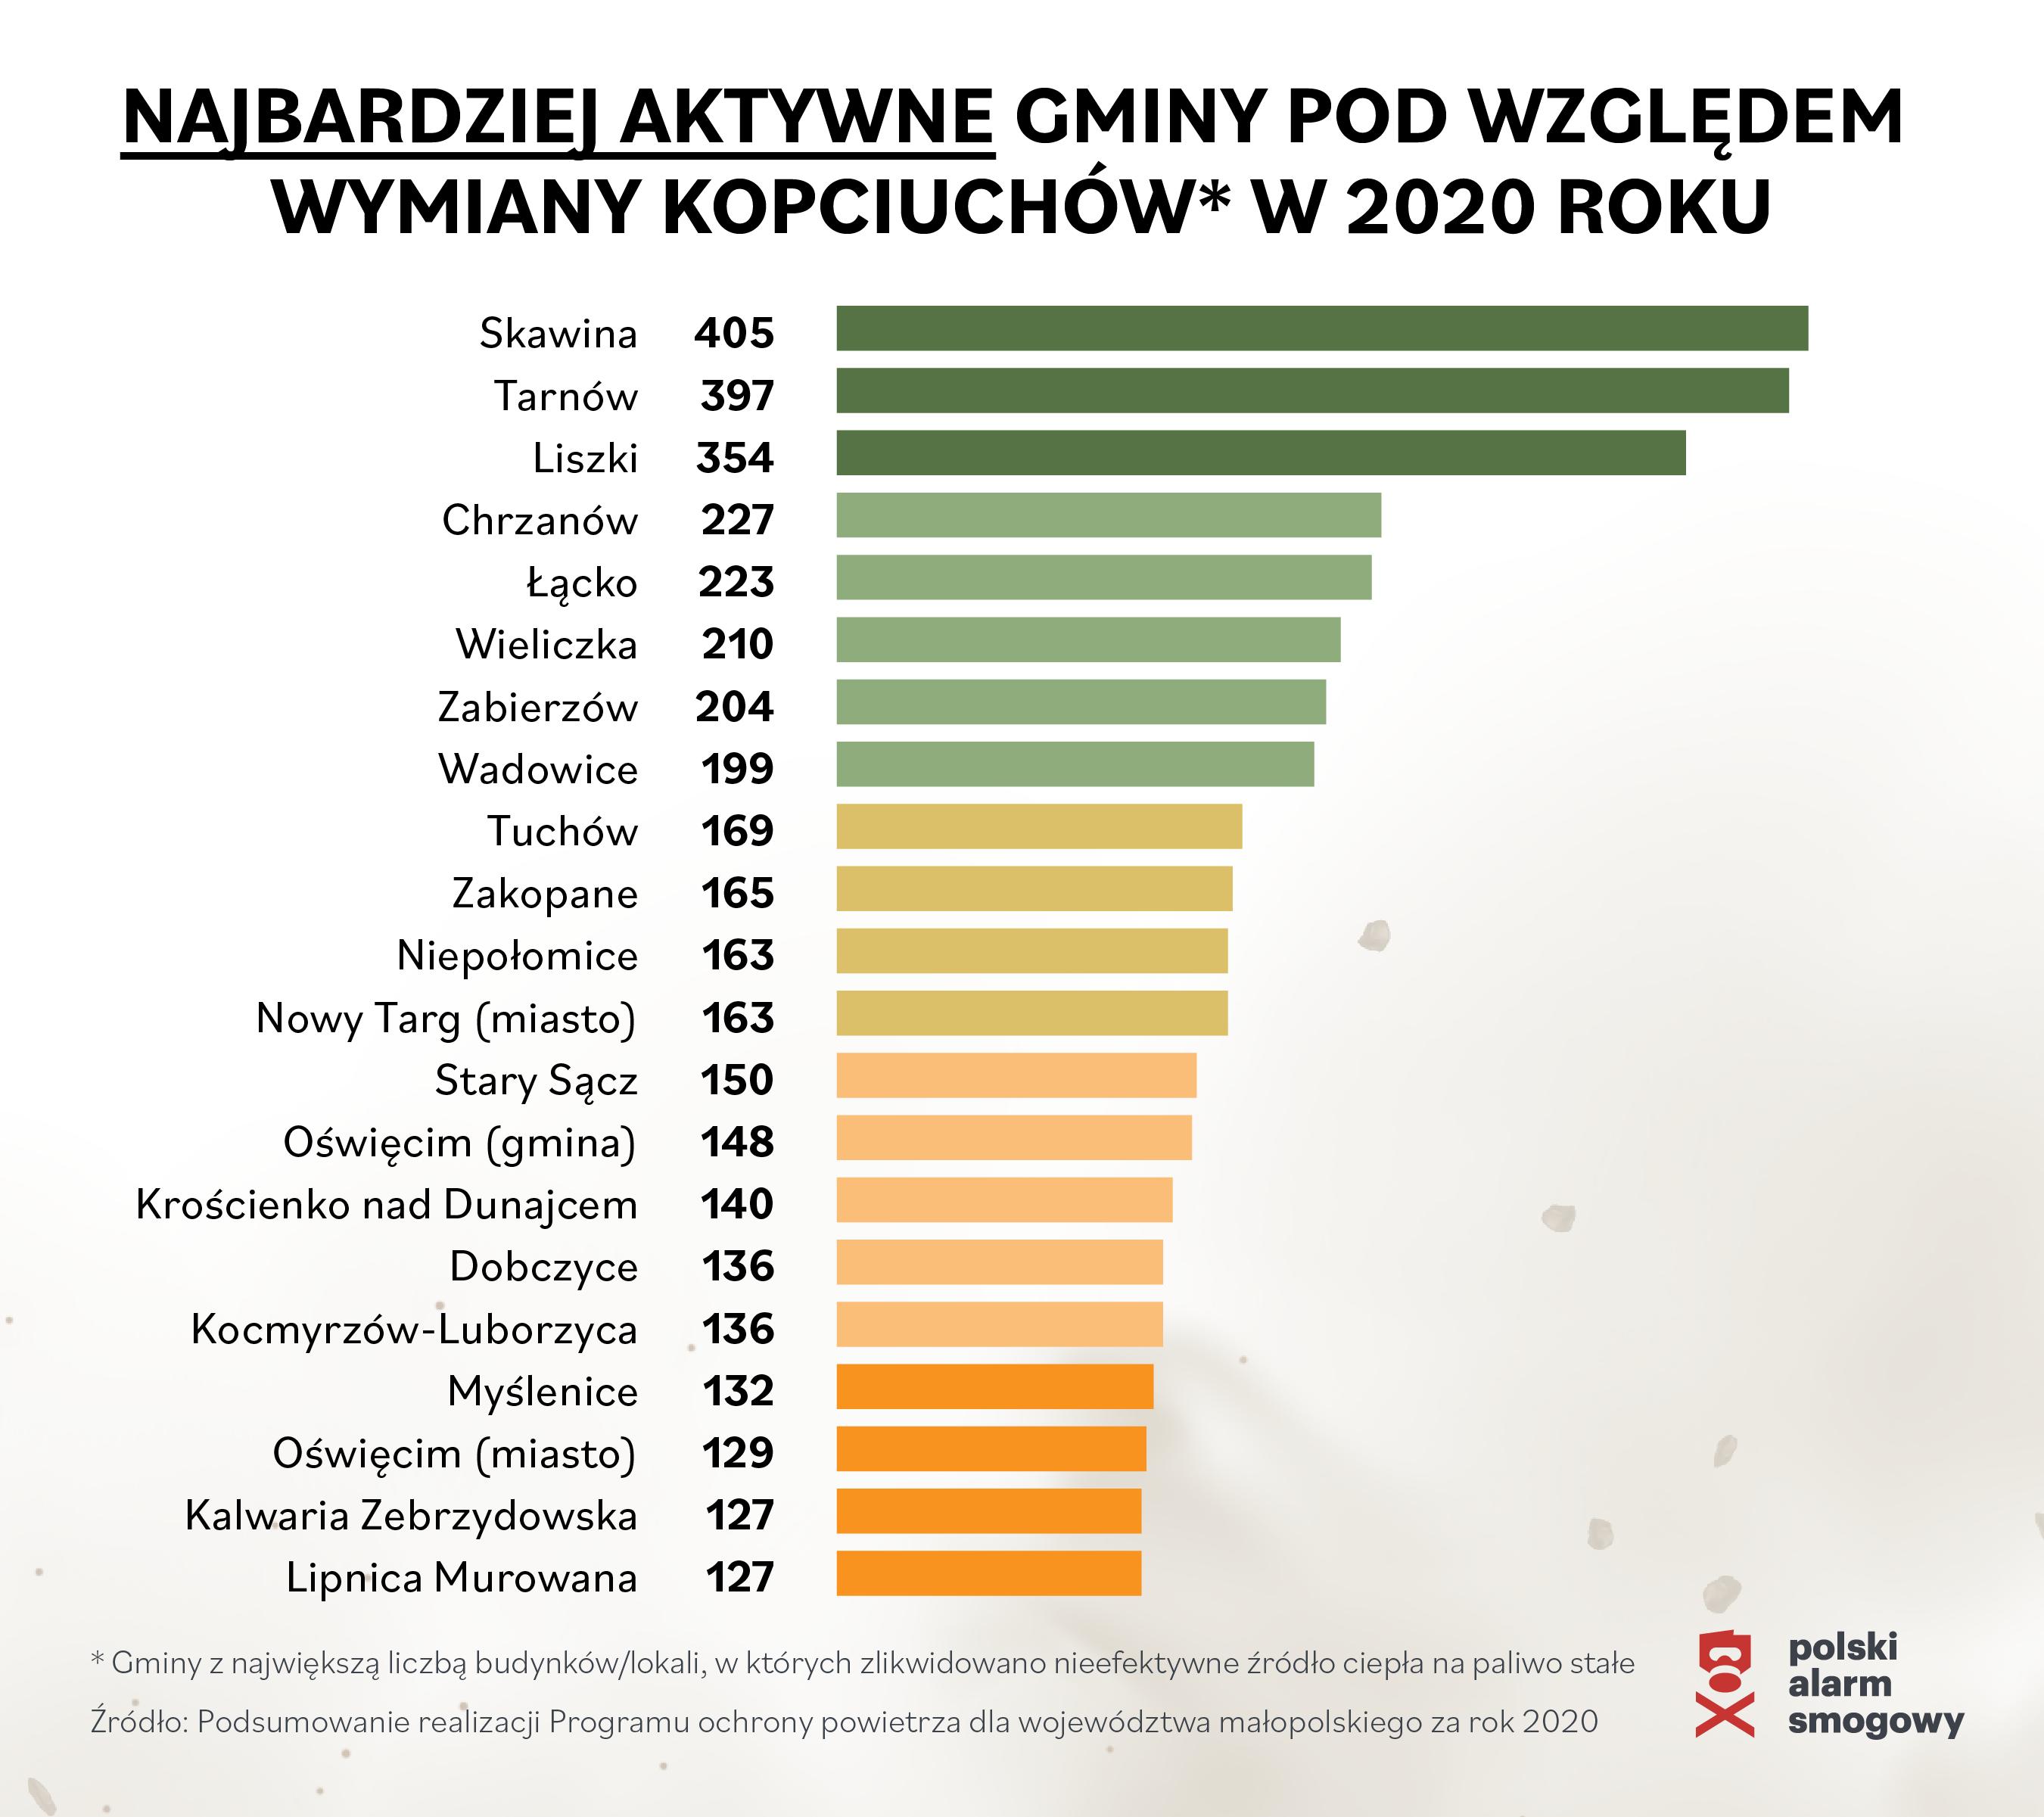 Dramatyczny spadek tempa wymiany kopciuchów w Małopolsce!